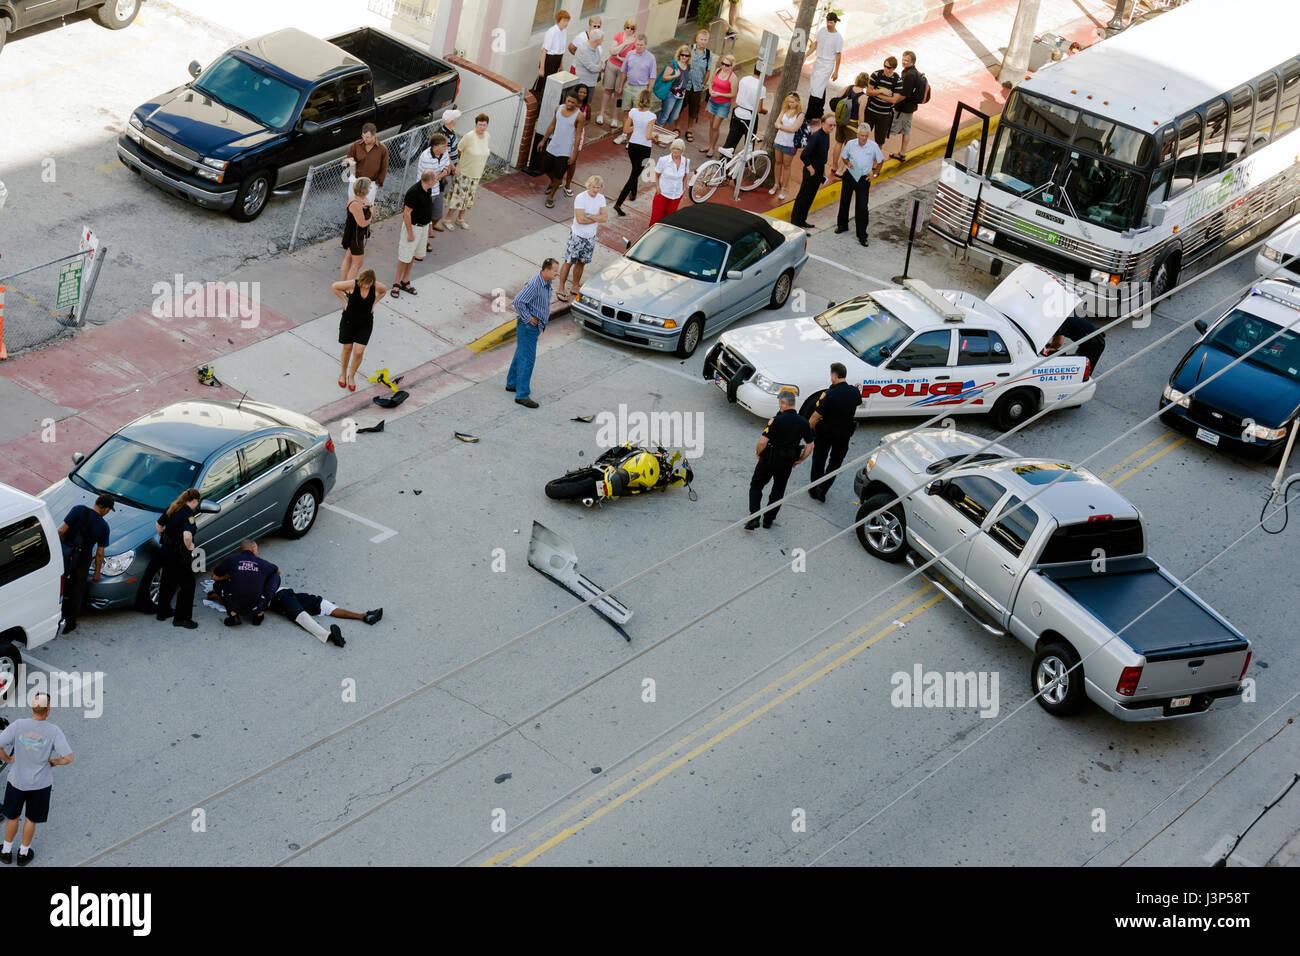 Bystanders Blocked Traffic Stockfotos & Bystanders Blocked Traffic ...